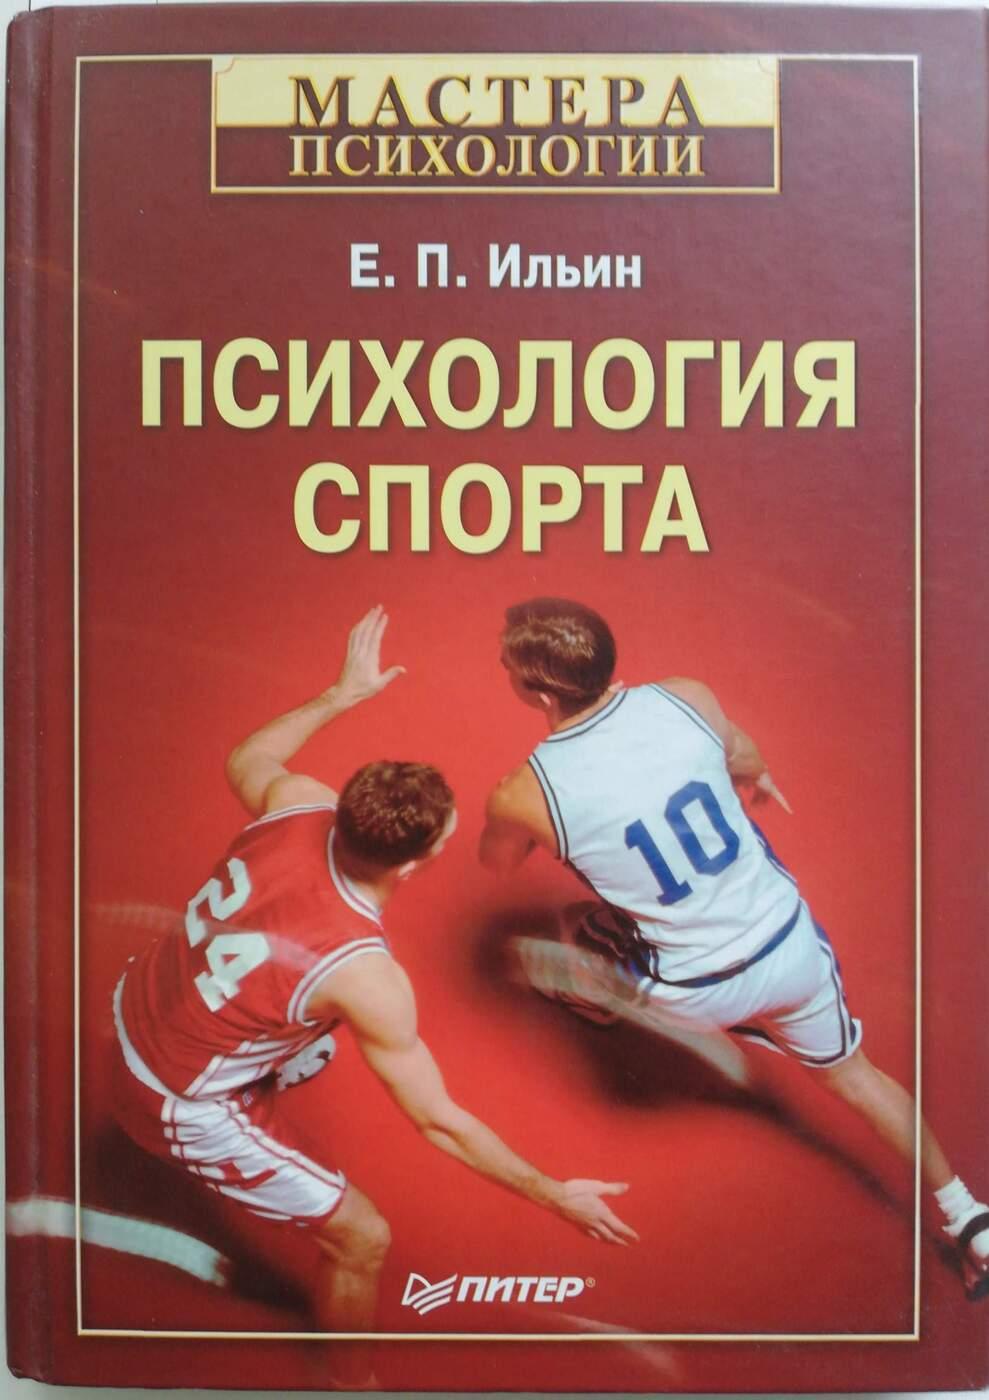 Ильин Евгений Павлович Психология спорта